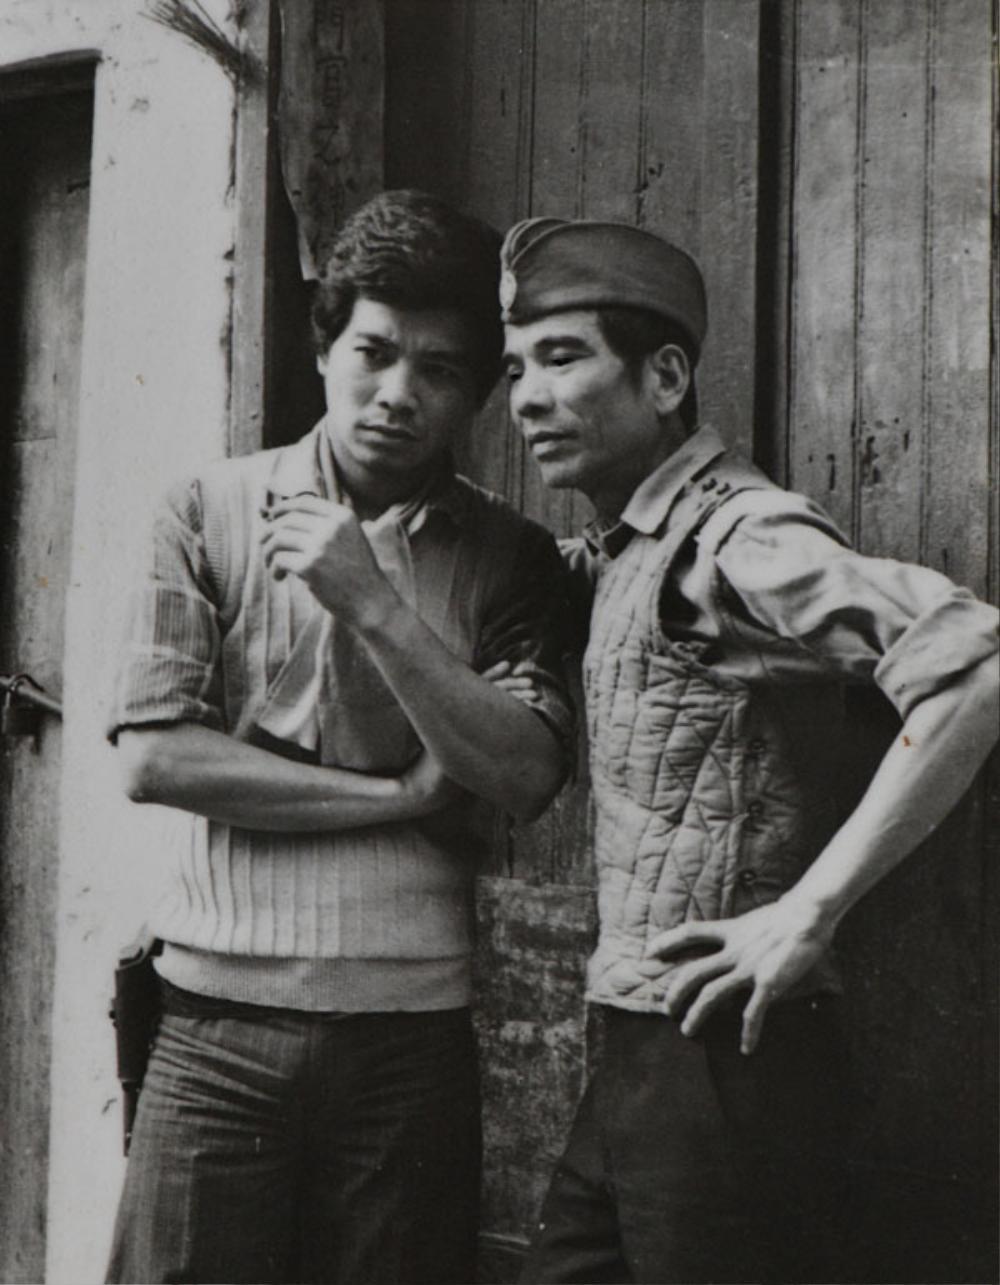 Nghệ sĩ nhân dân Trần Hạnh: Người ông quốc dân trong mắt nhiều thế hệ Ảnh 4